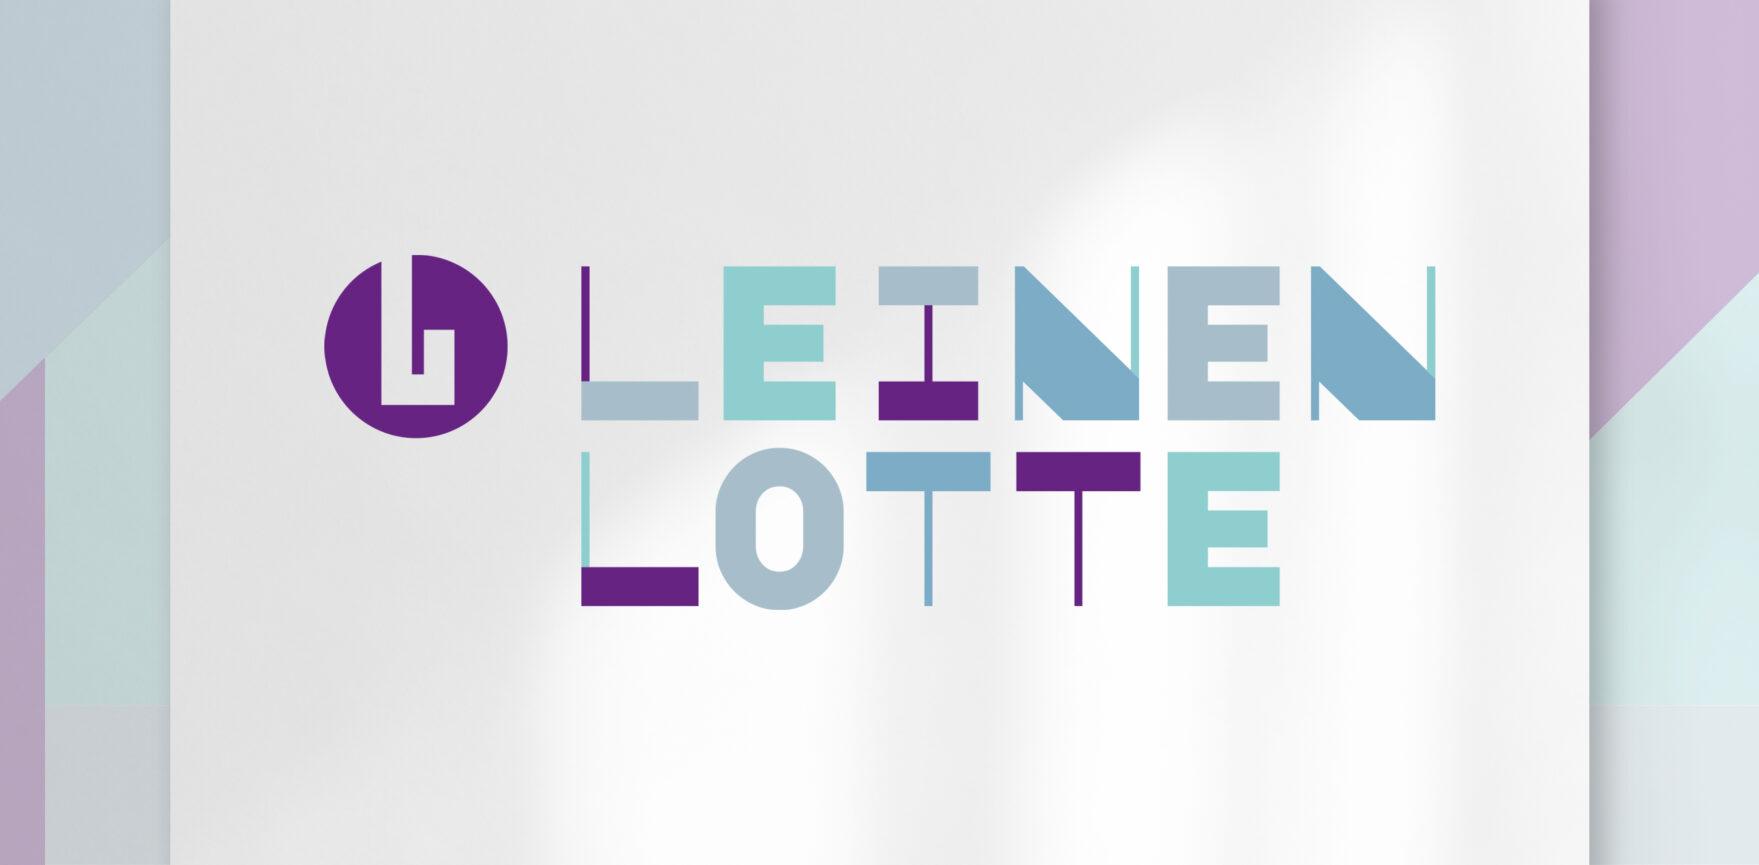 Leinen-Lotte Naming und Corporate Design Wort-Bild-Marke